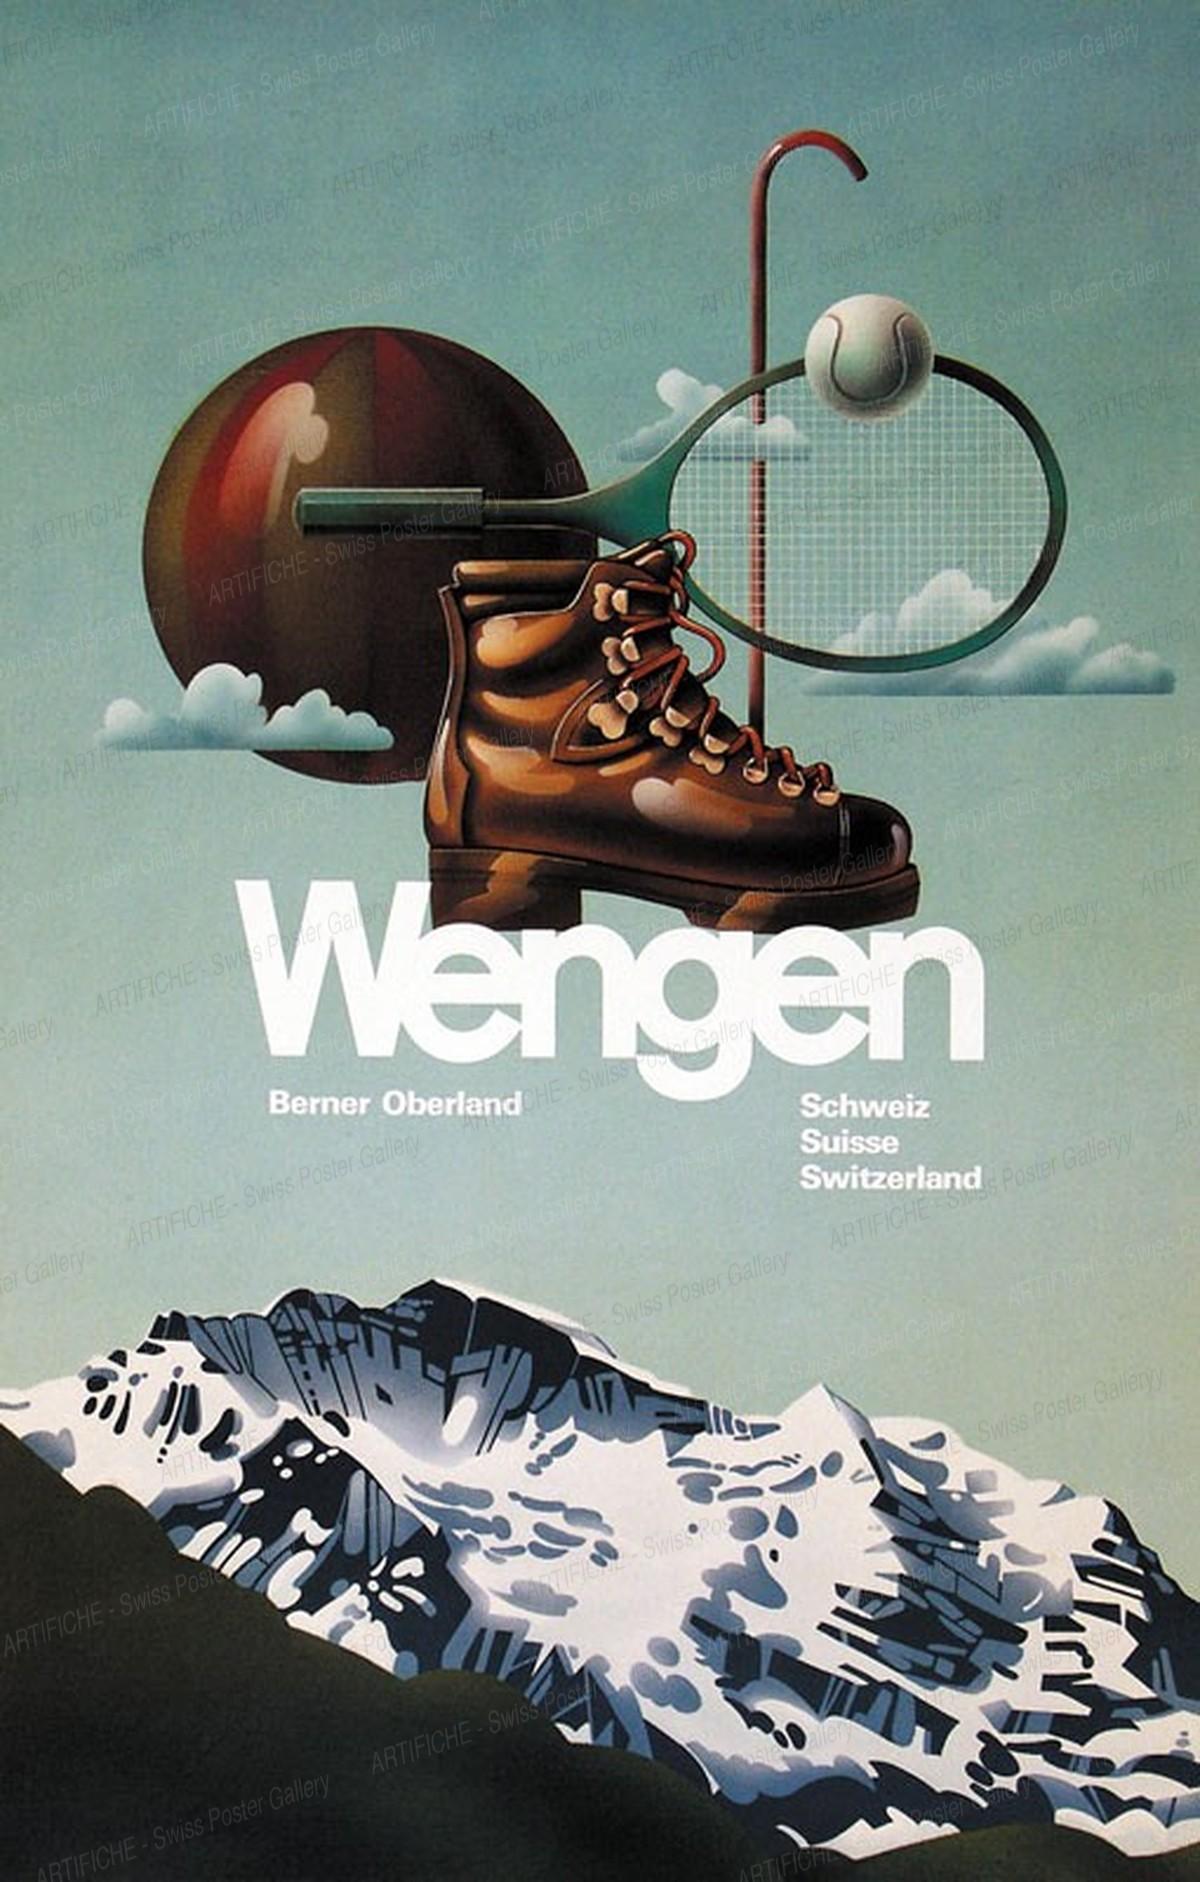 Wengen – Berner Oberland – Schweiz Suisse Switzerland, Artist unknown